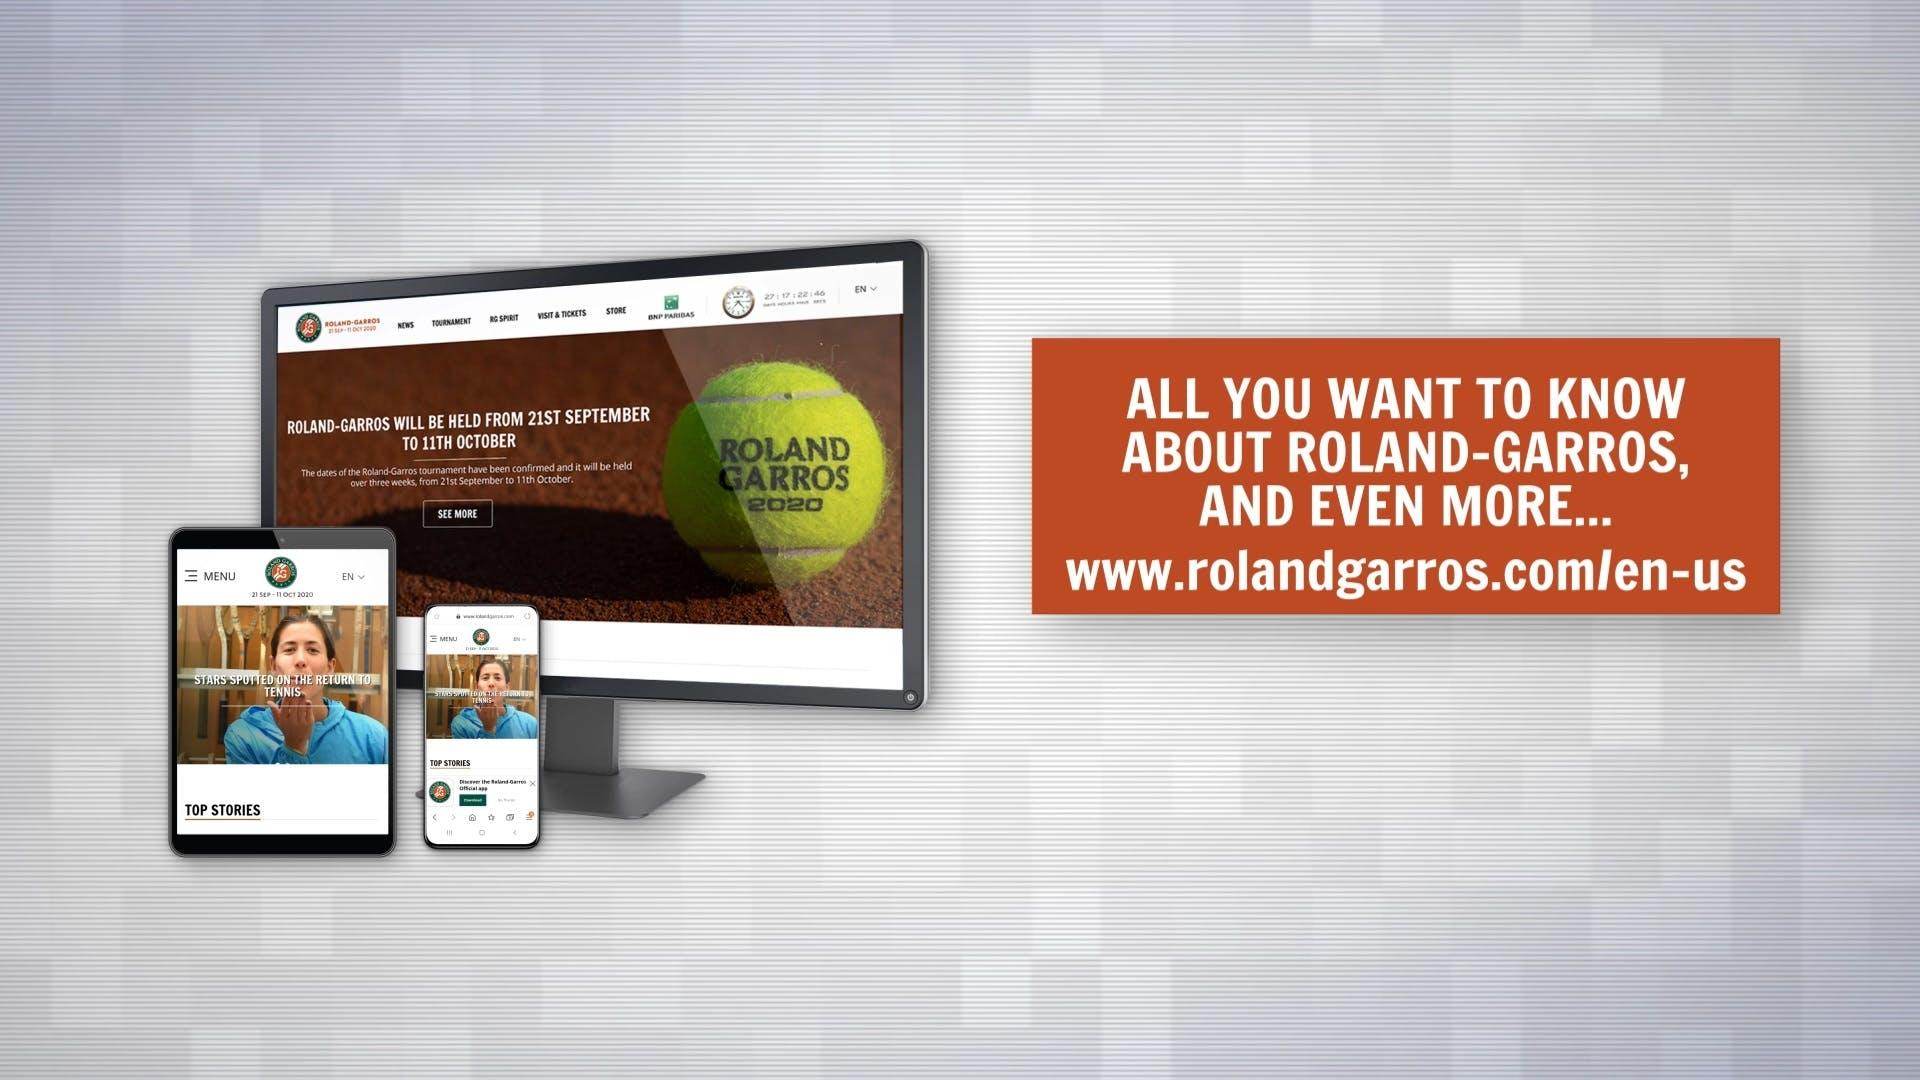 Video rolandgarros.com